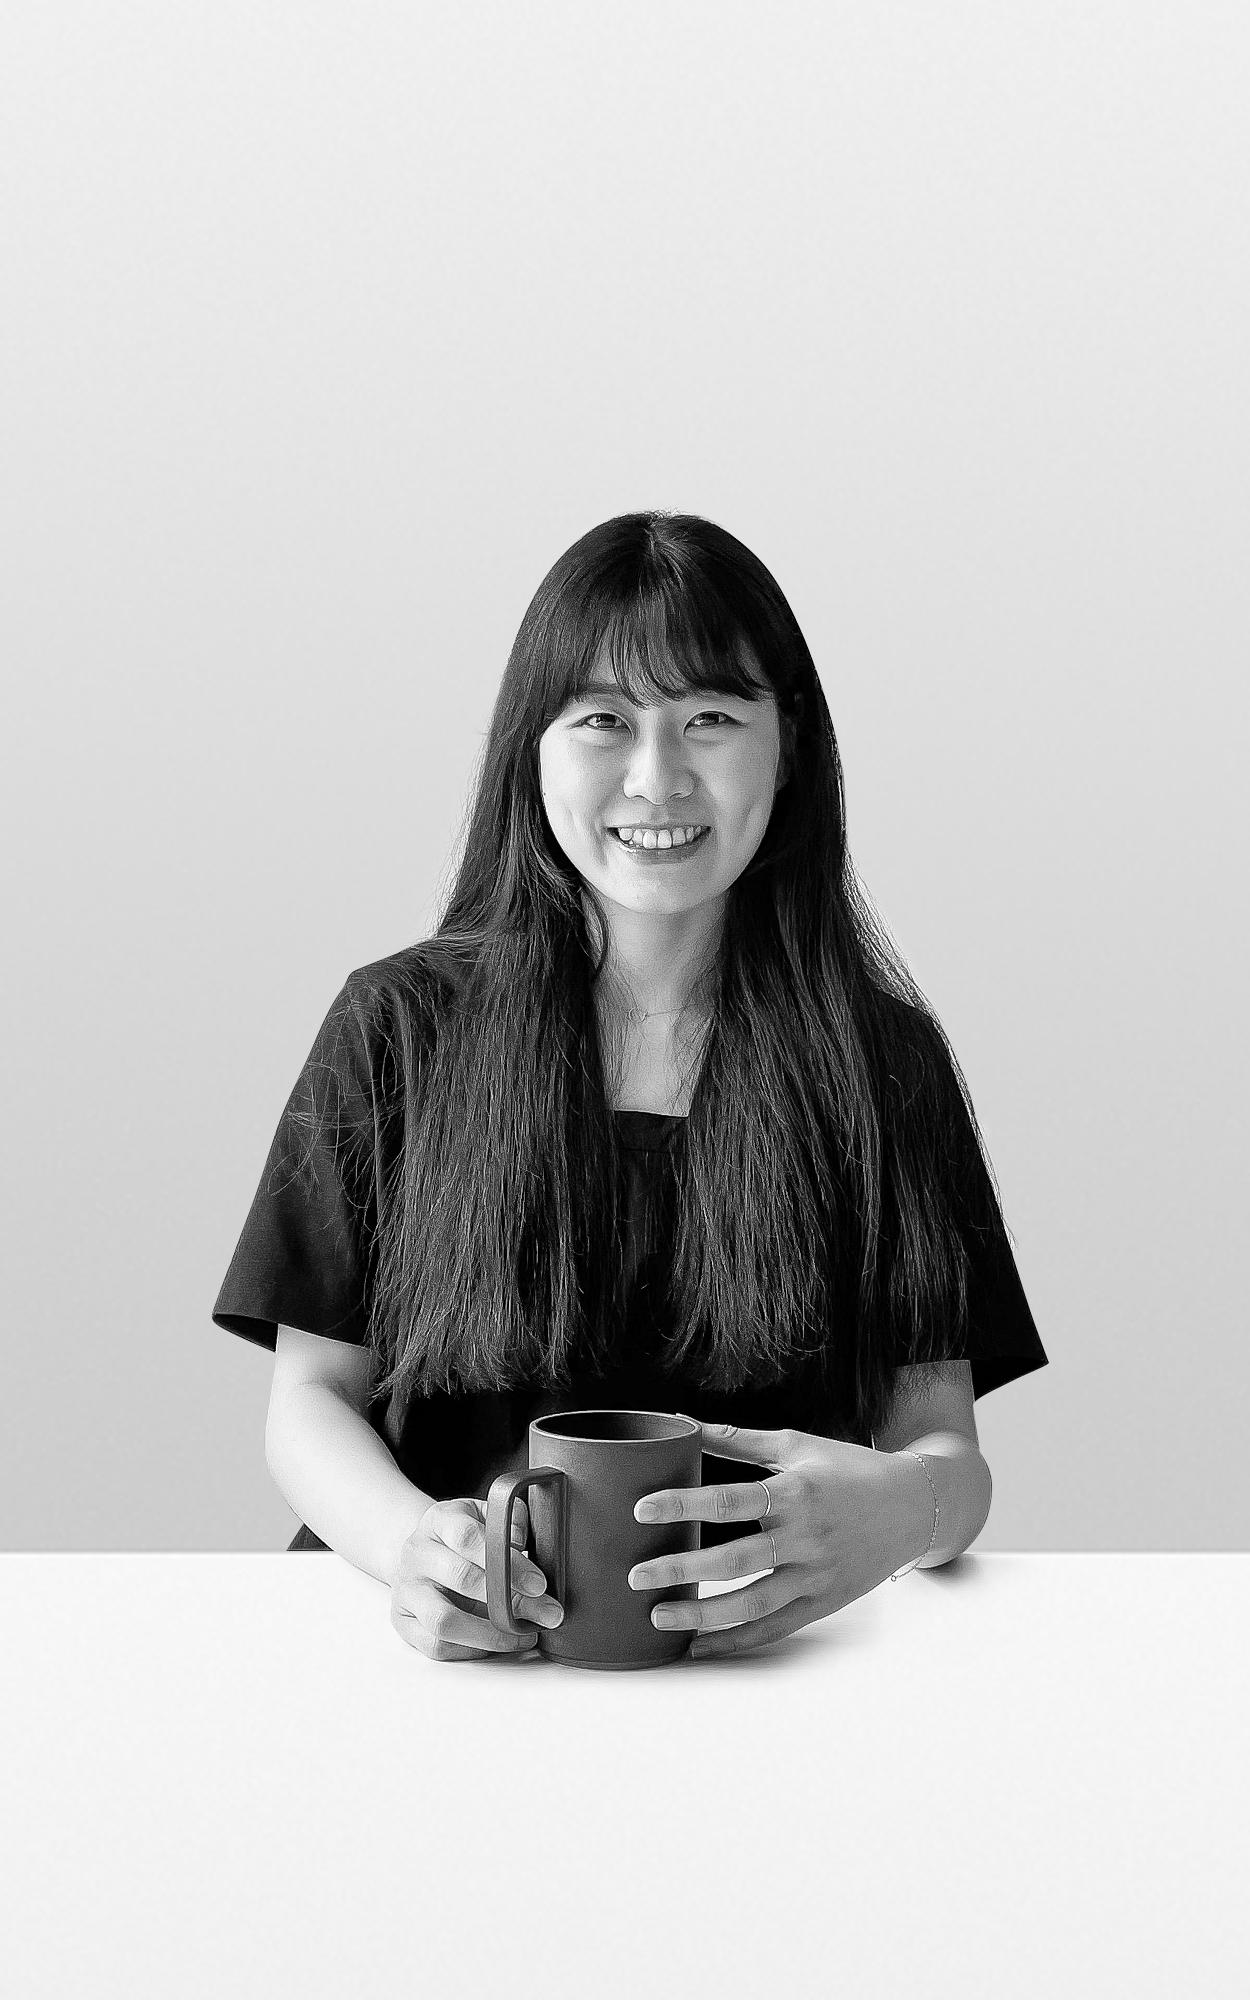 Jing Zhang 张菁